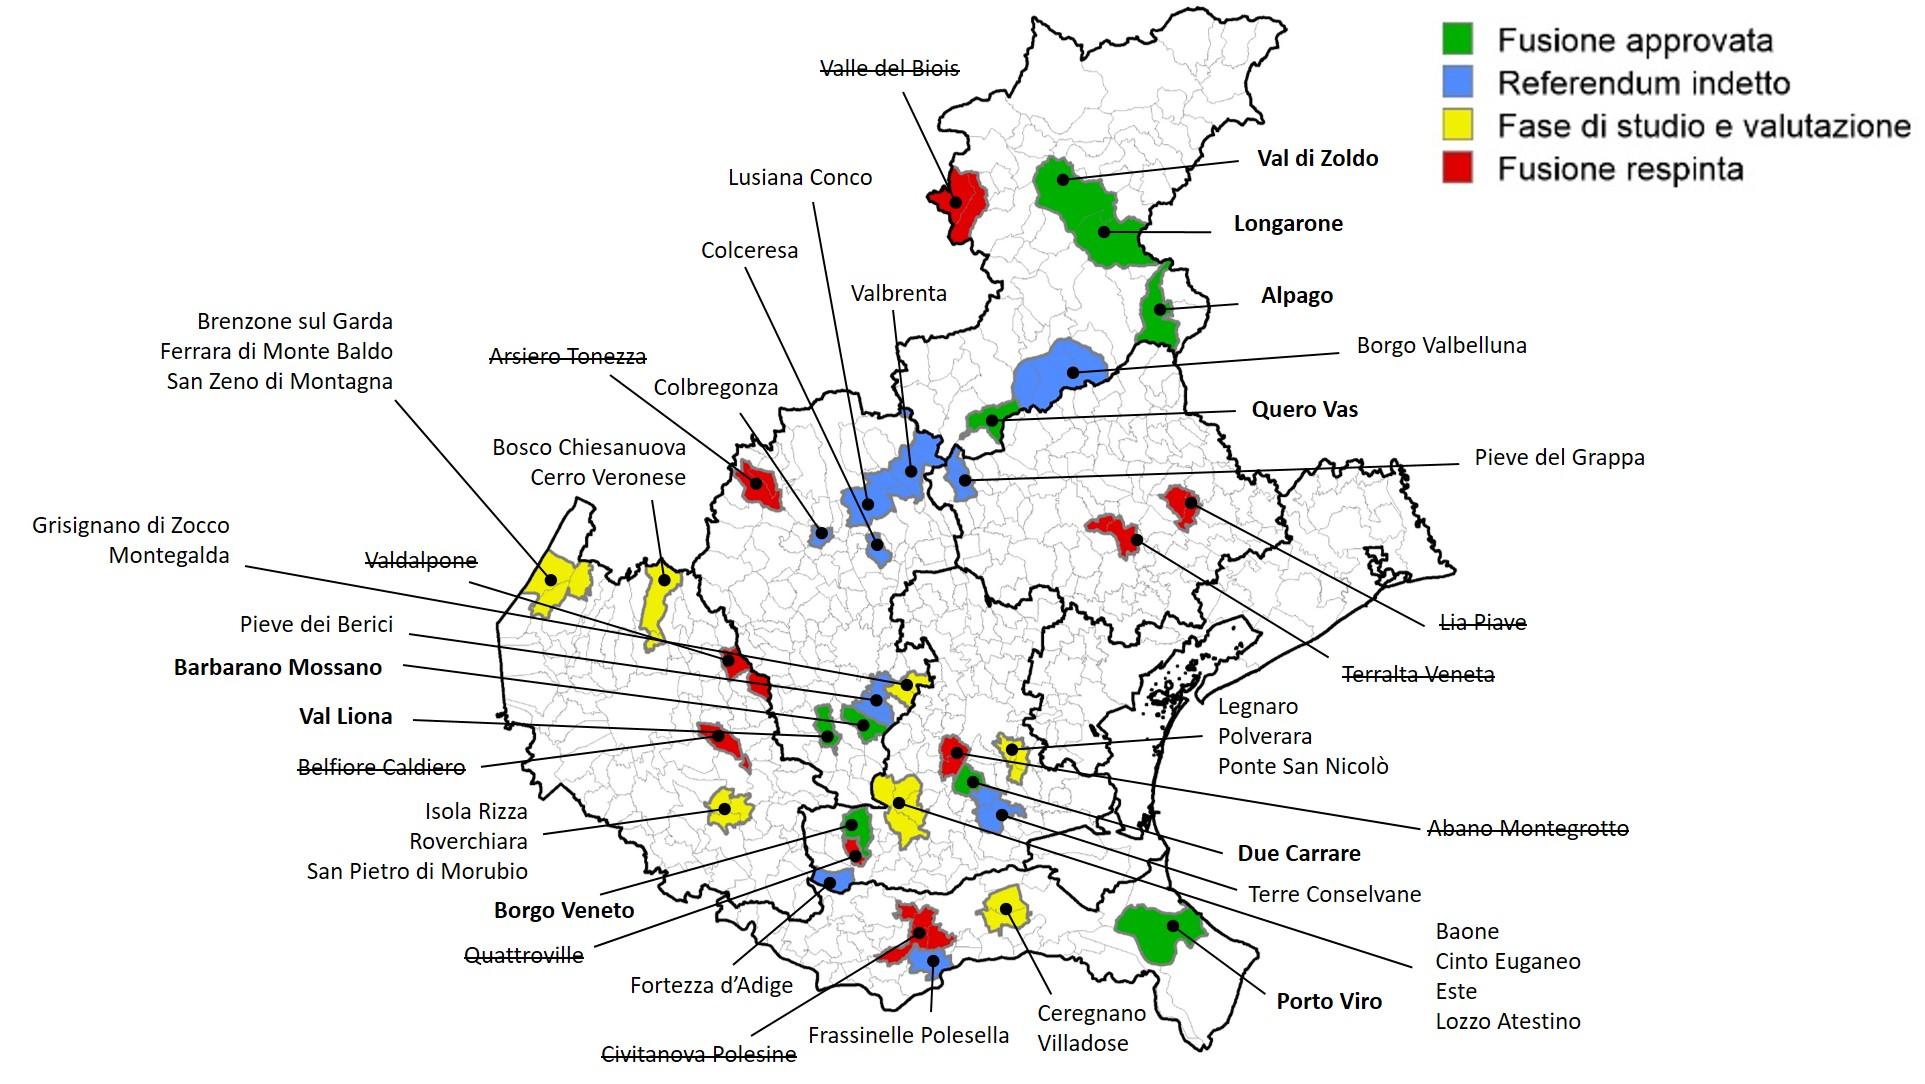 Cartina Dei Comuni Del Veneto.Fusione Dei Comuni In Veneto 10 Referendum E 26 Comuni Al Voto Il Prossimo 16 Dicembre Fondazione Think Tank Nord Est